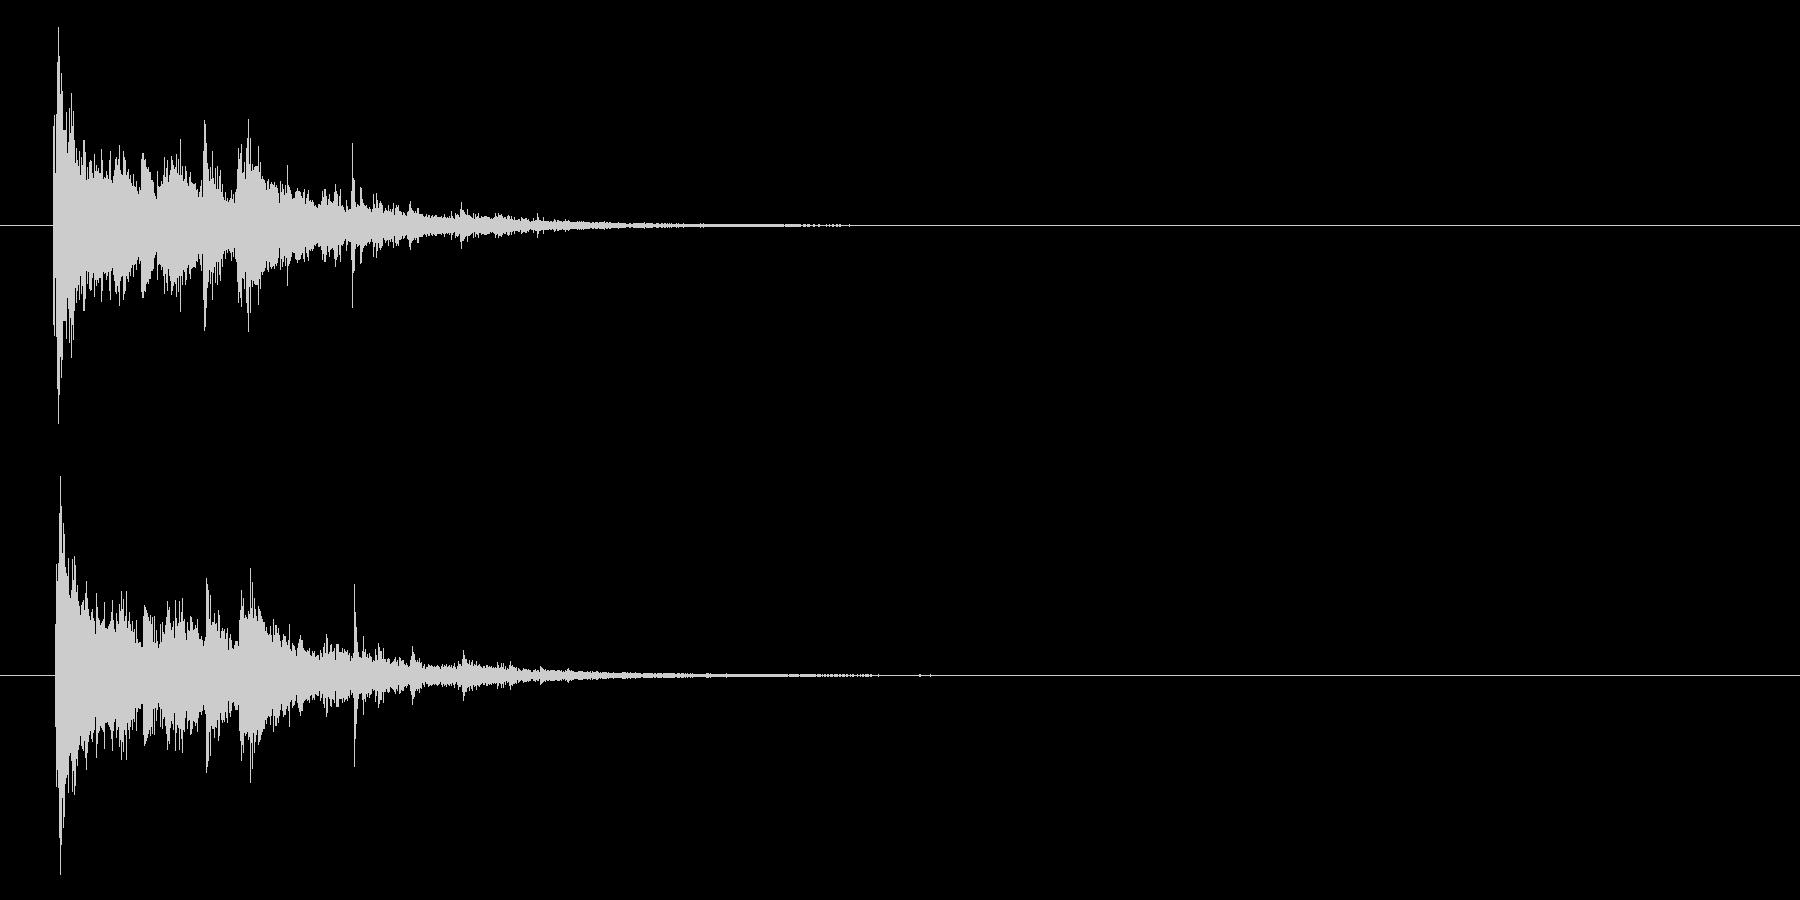 ガシャーン」粉々にガラスの割れる音+FXの未再生の波形